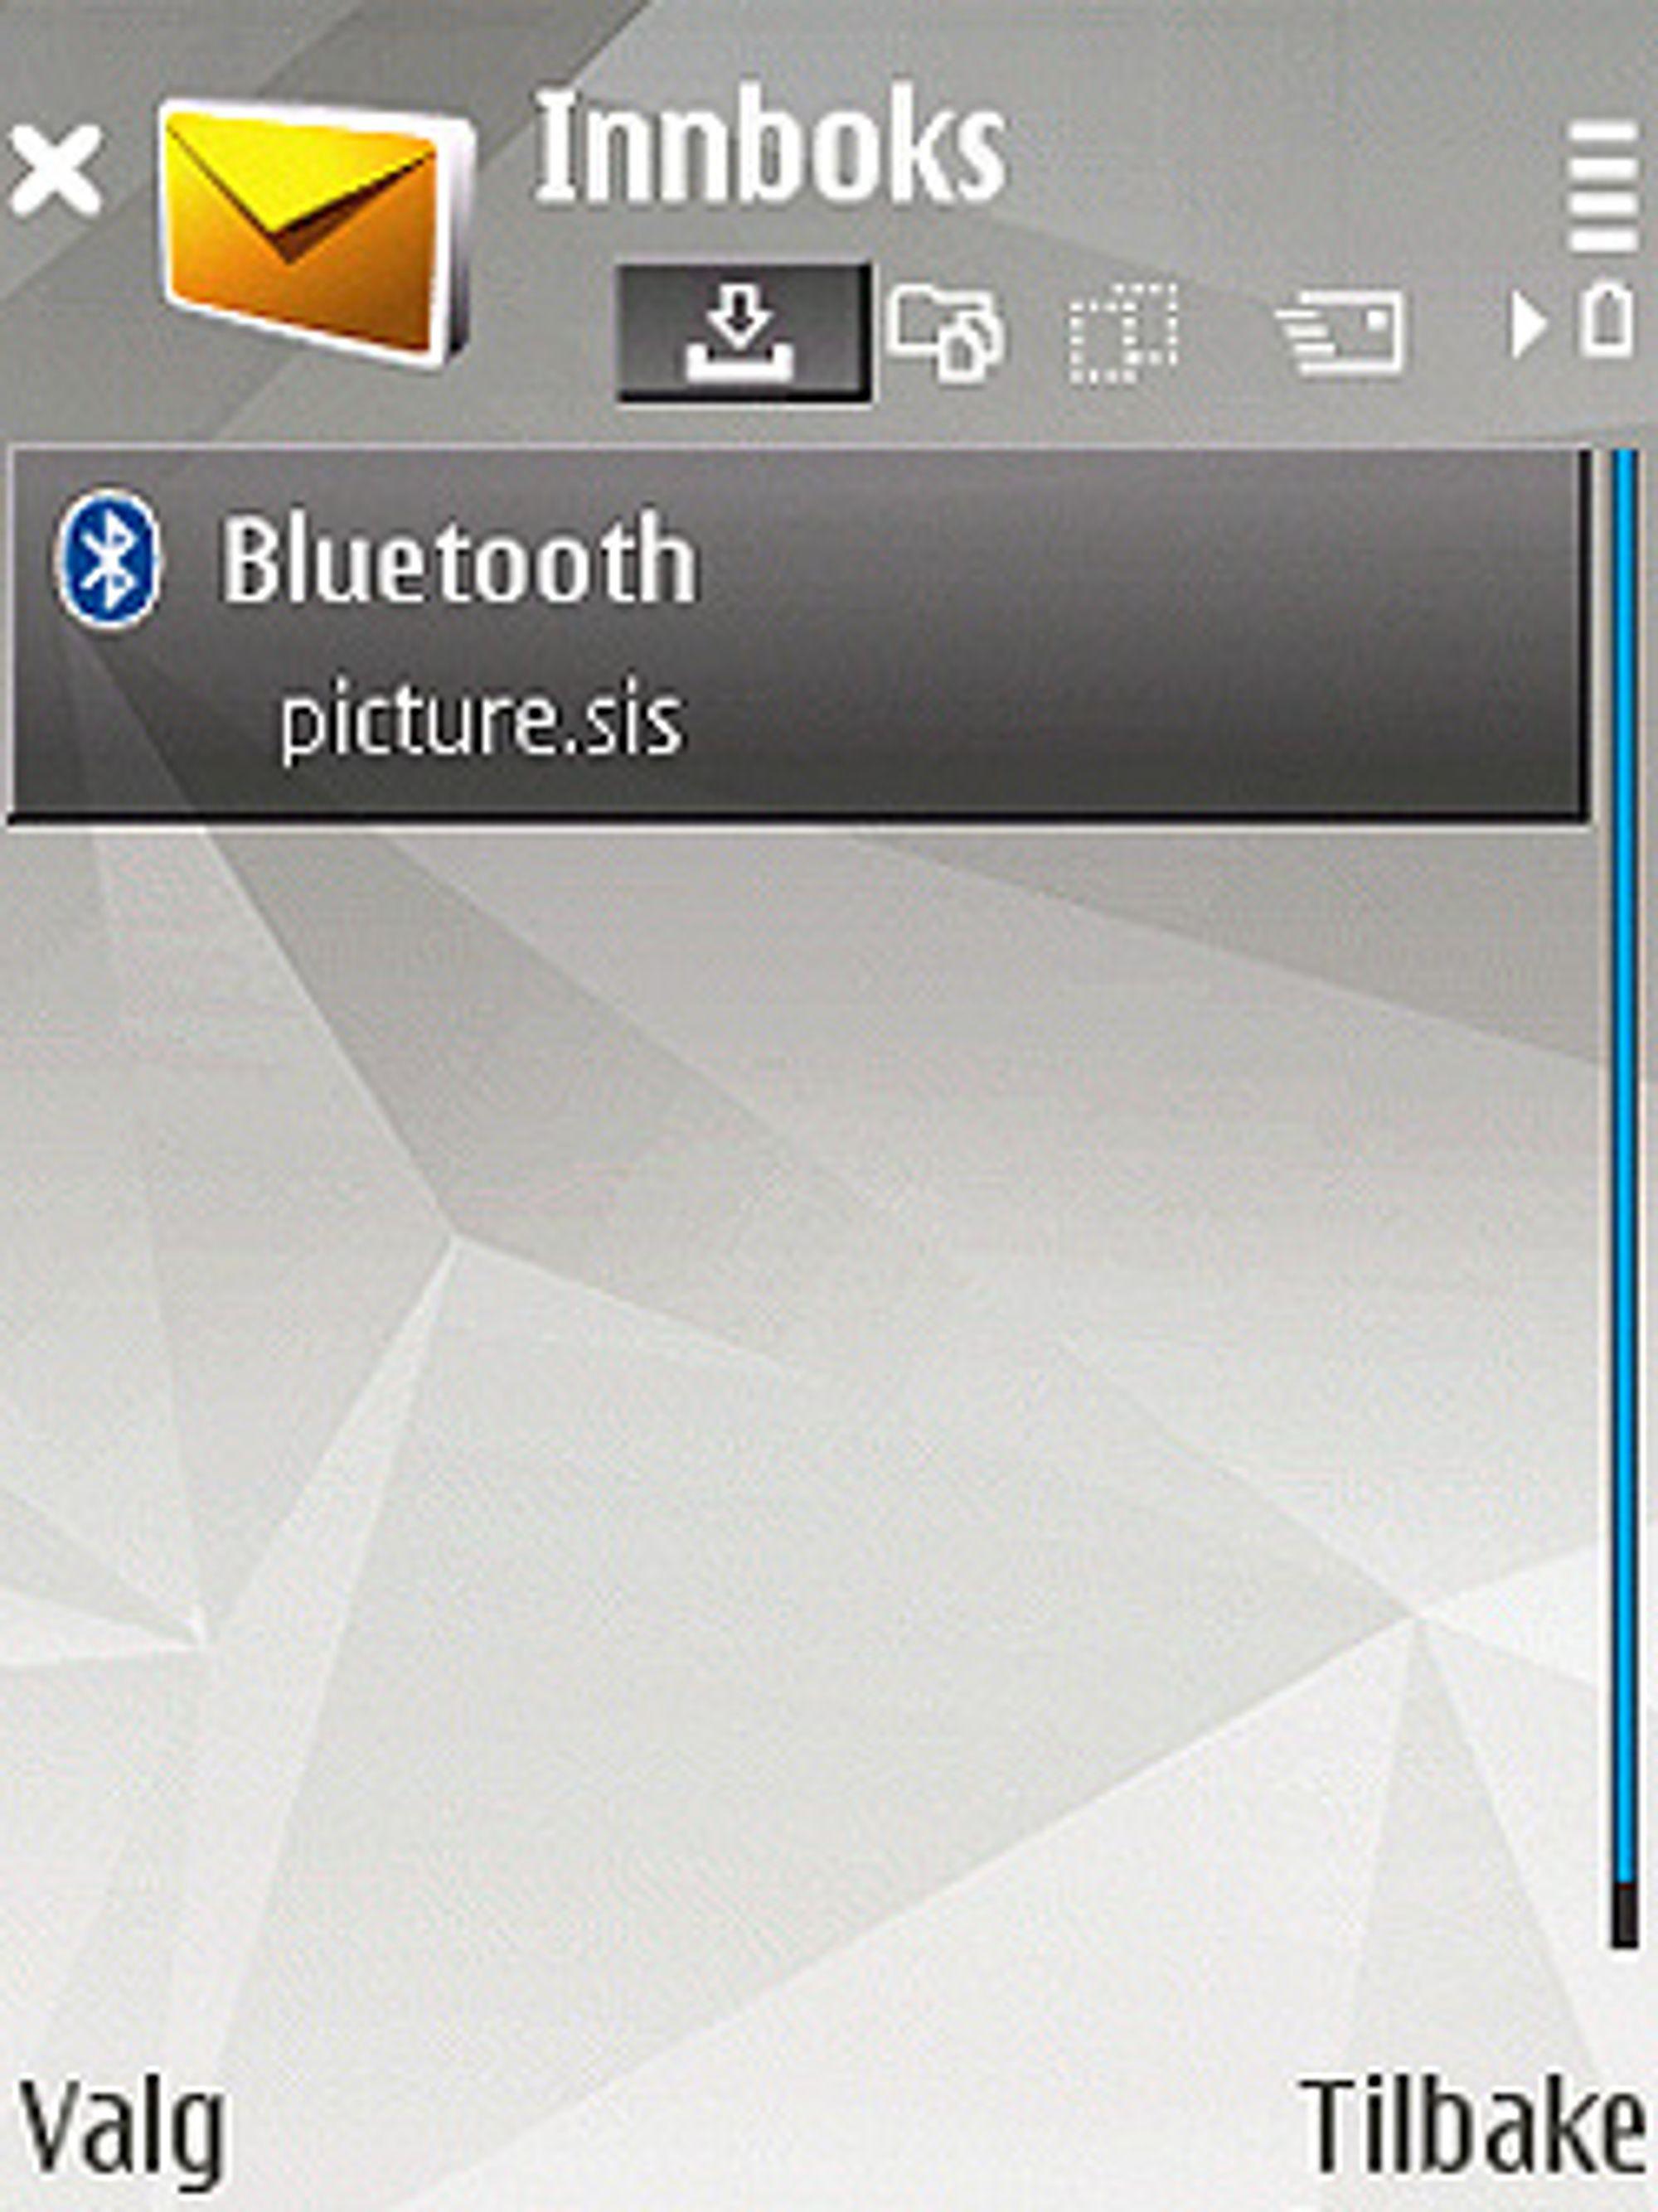 Slik ser det ut når du har lastet en fil ned til mobilen din. (Foto: Silje Gomnæs)